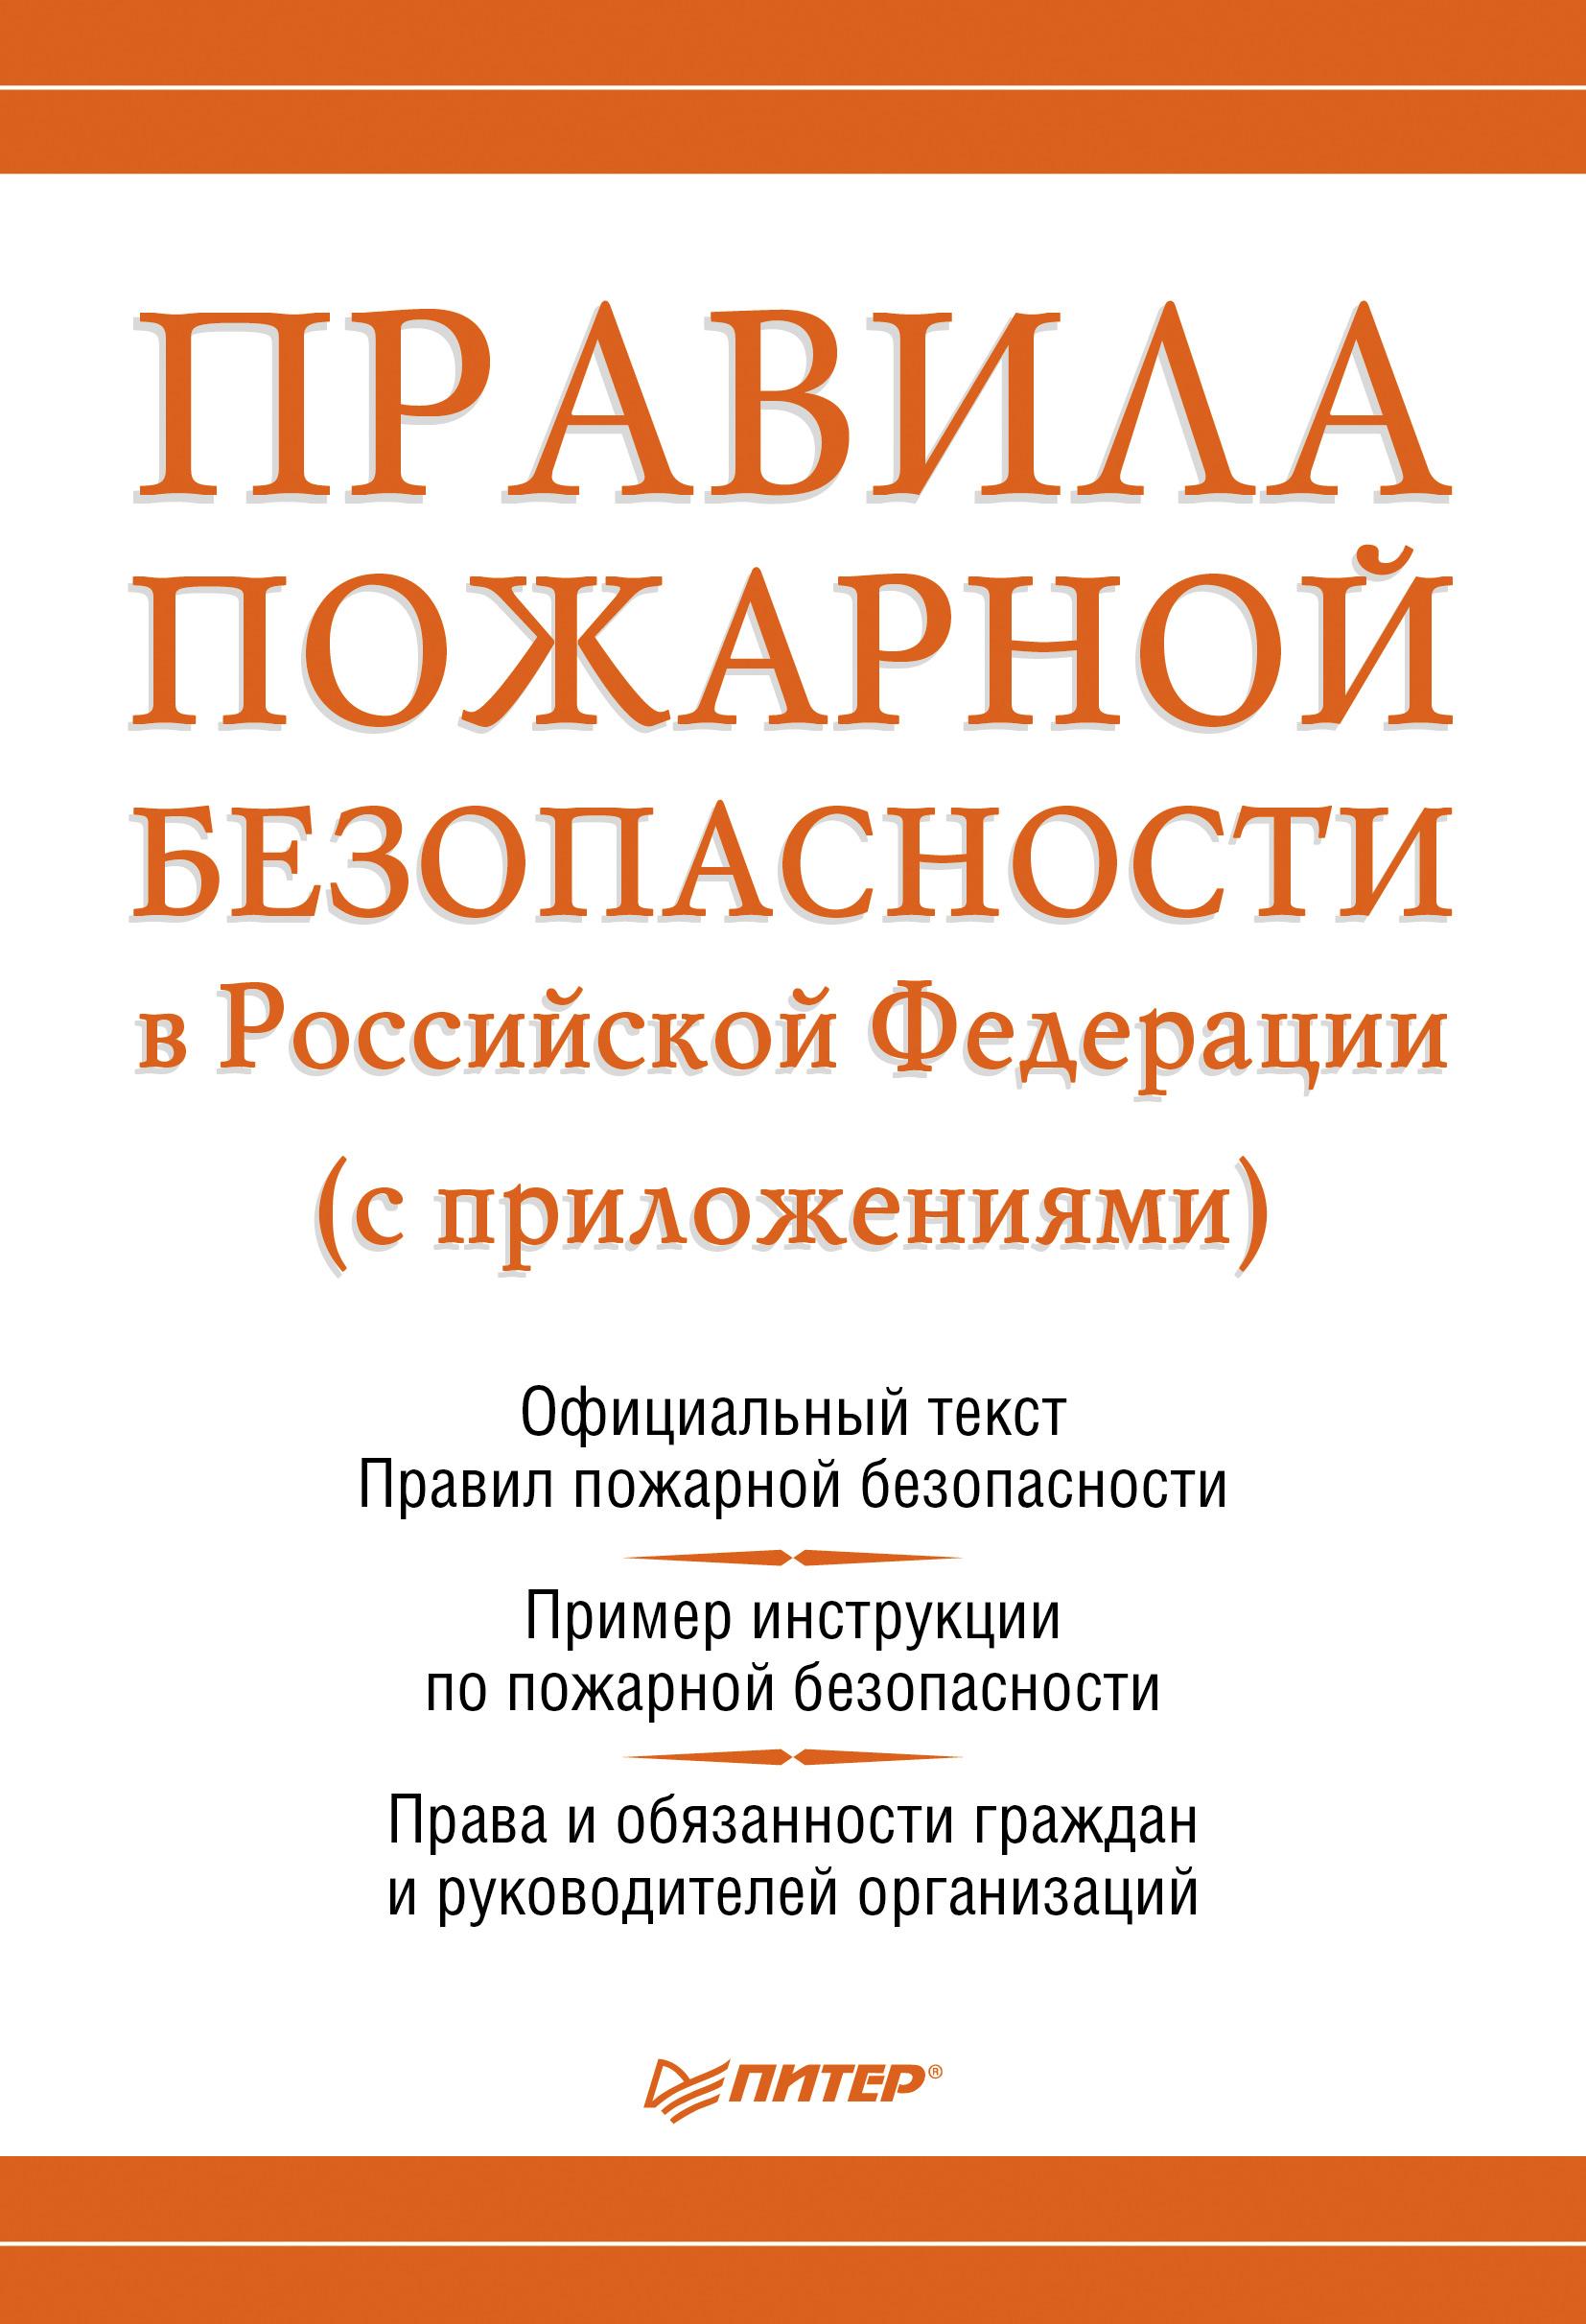 Отсутствует Правила пожарной безопасности в Российской Федерации (с приложениями) видеофильм по пожарной безопасности